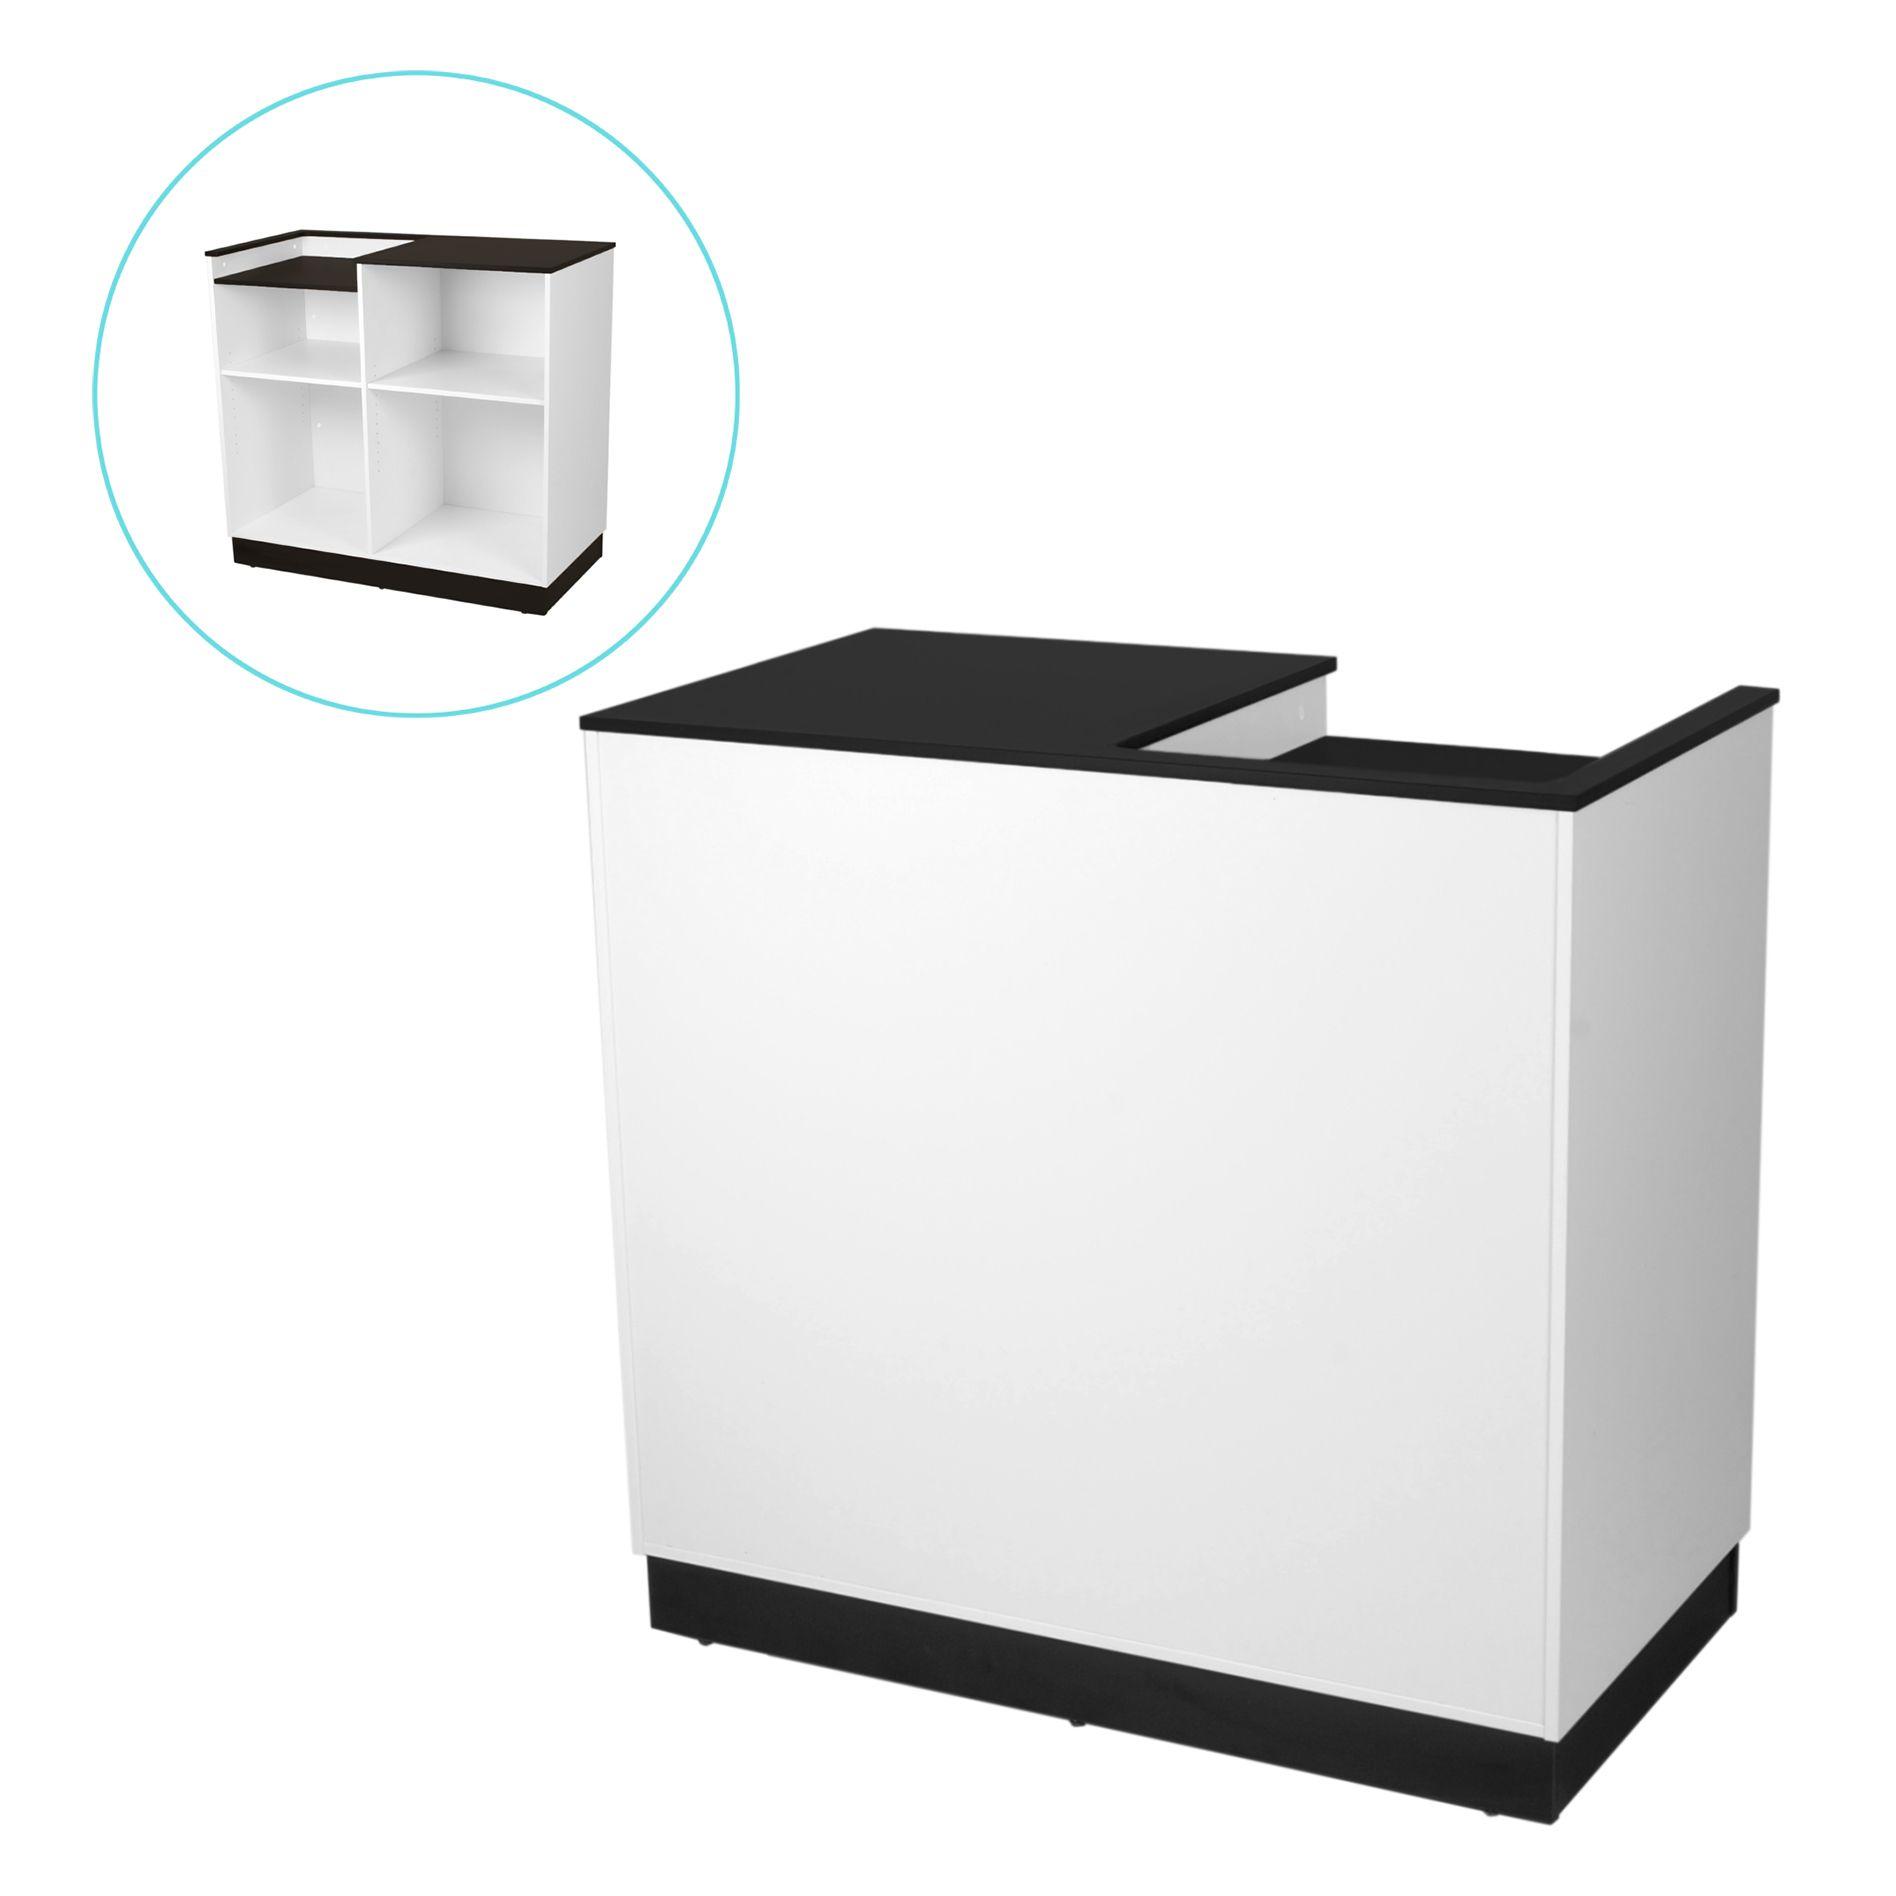 Кассовый стол с вырезом в столешнице CT-02-120611